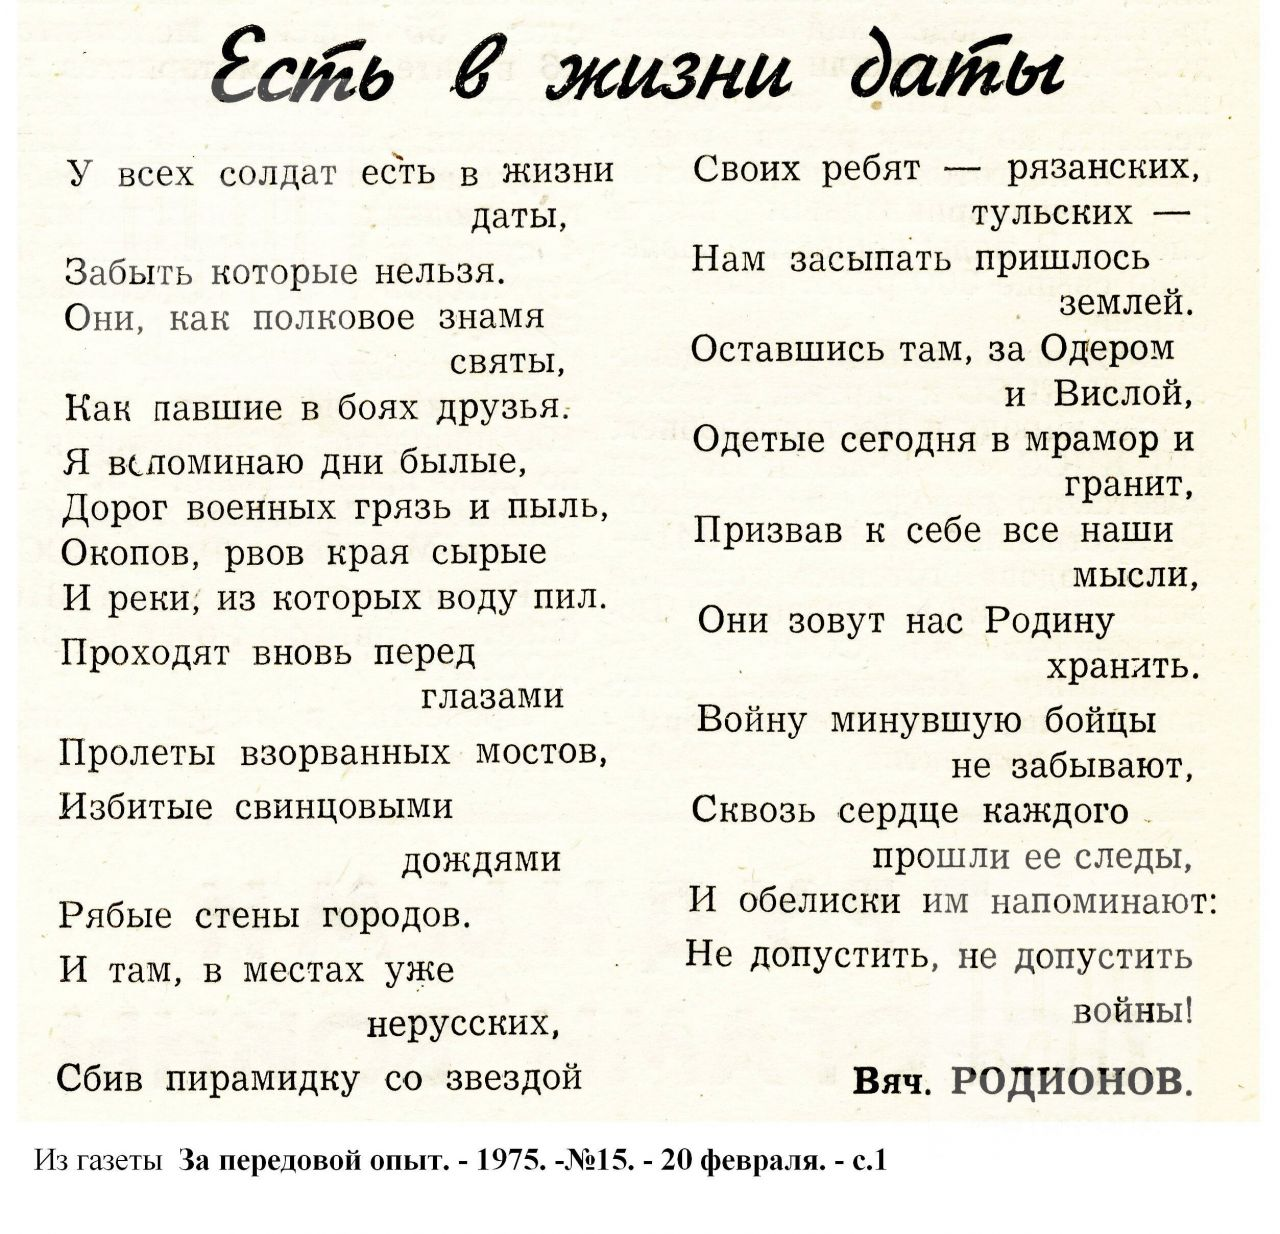 """""""Есть в жизни даты"""". 1975, №15"""